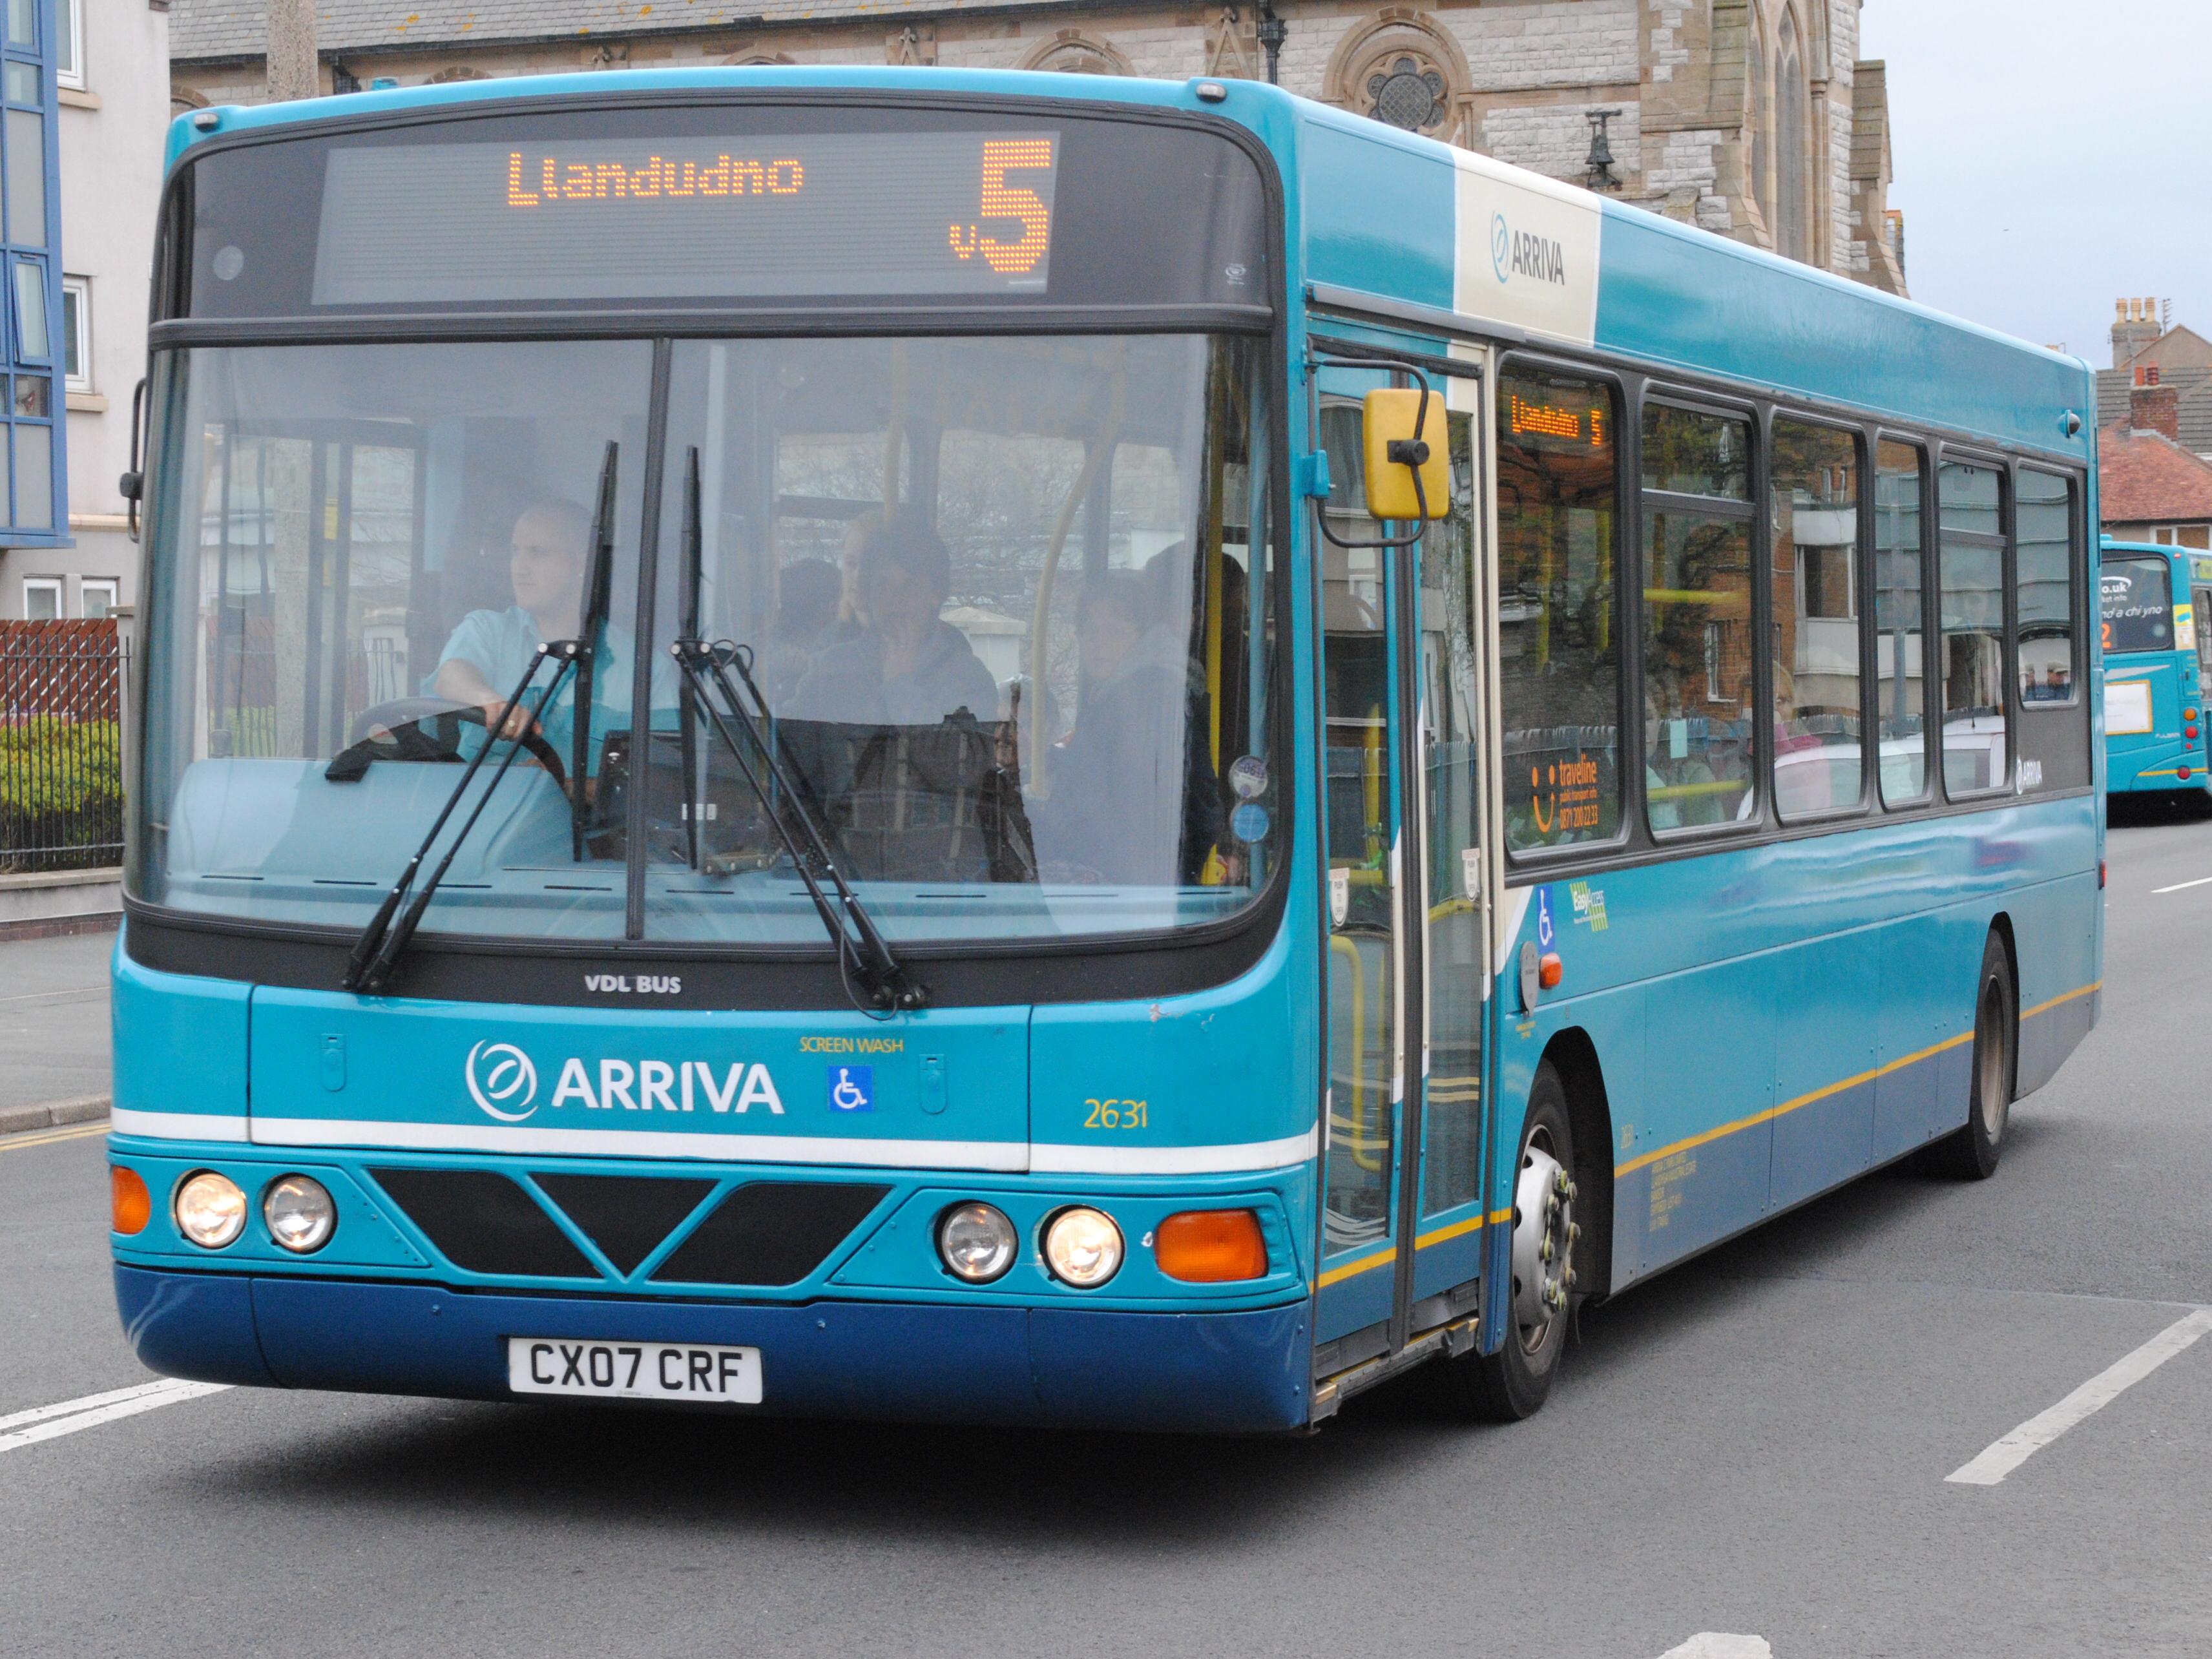 File:Arriva Buses Wales Cymru 2631 CX07CRF (8717443428).jpg